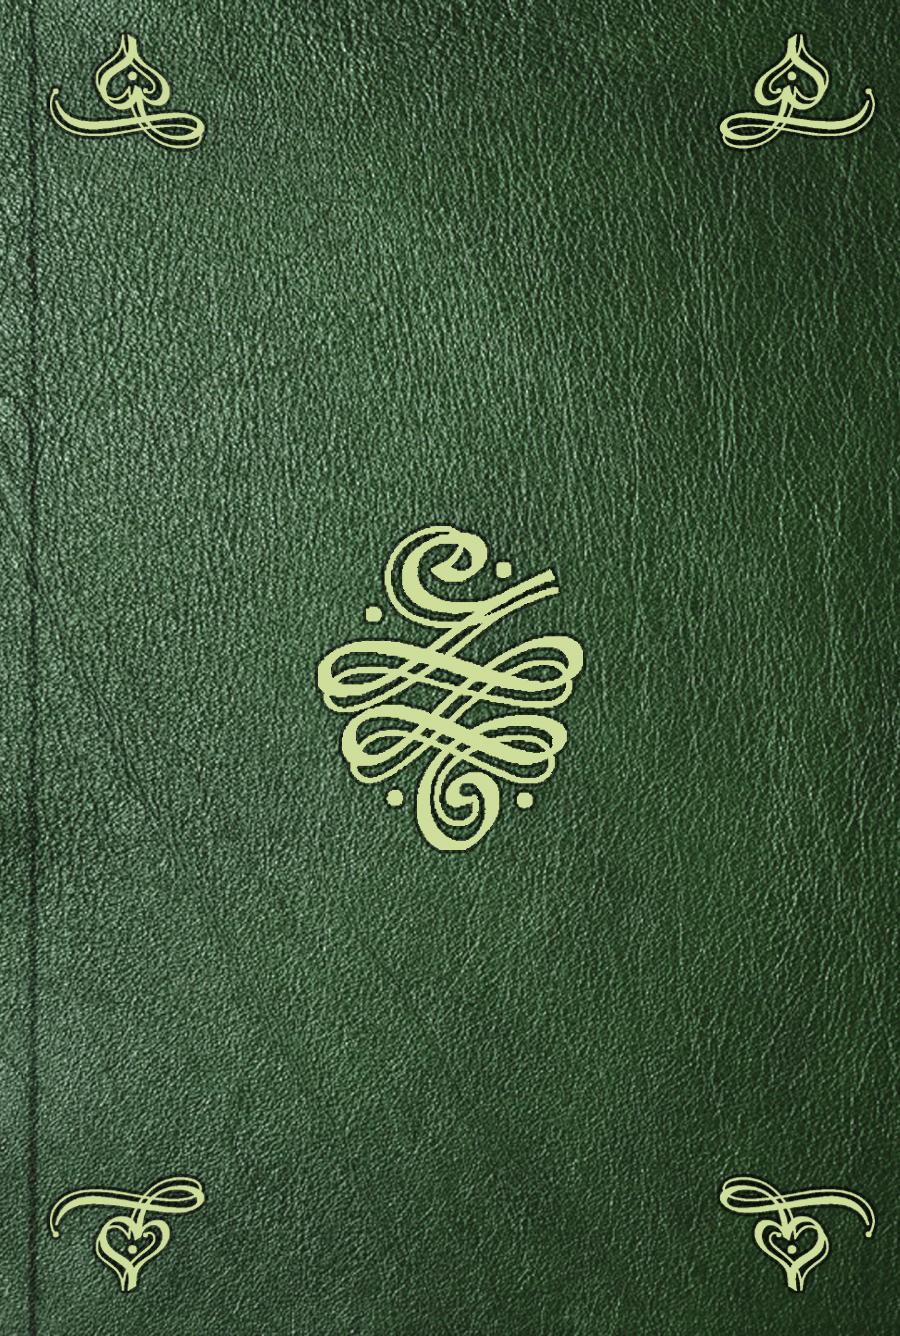 Johann Friedrich Meckel Handbuch der pathologischen Anatomie. 2 Band. Abtheilung 1